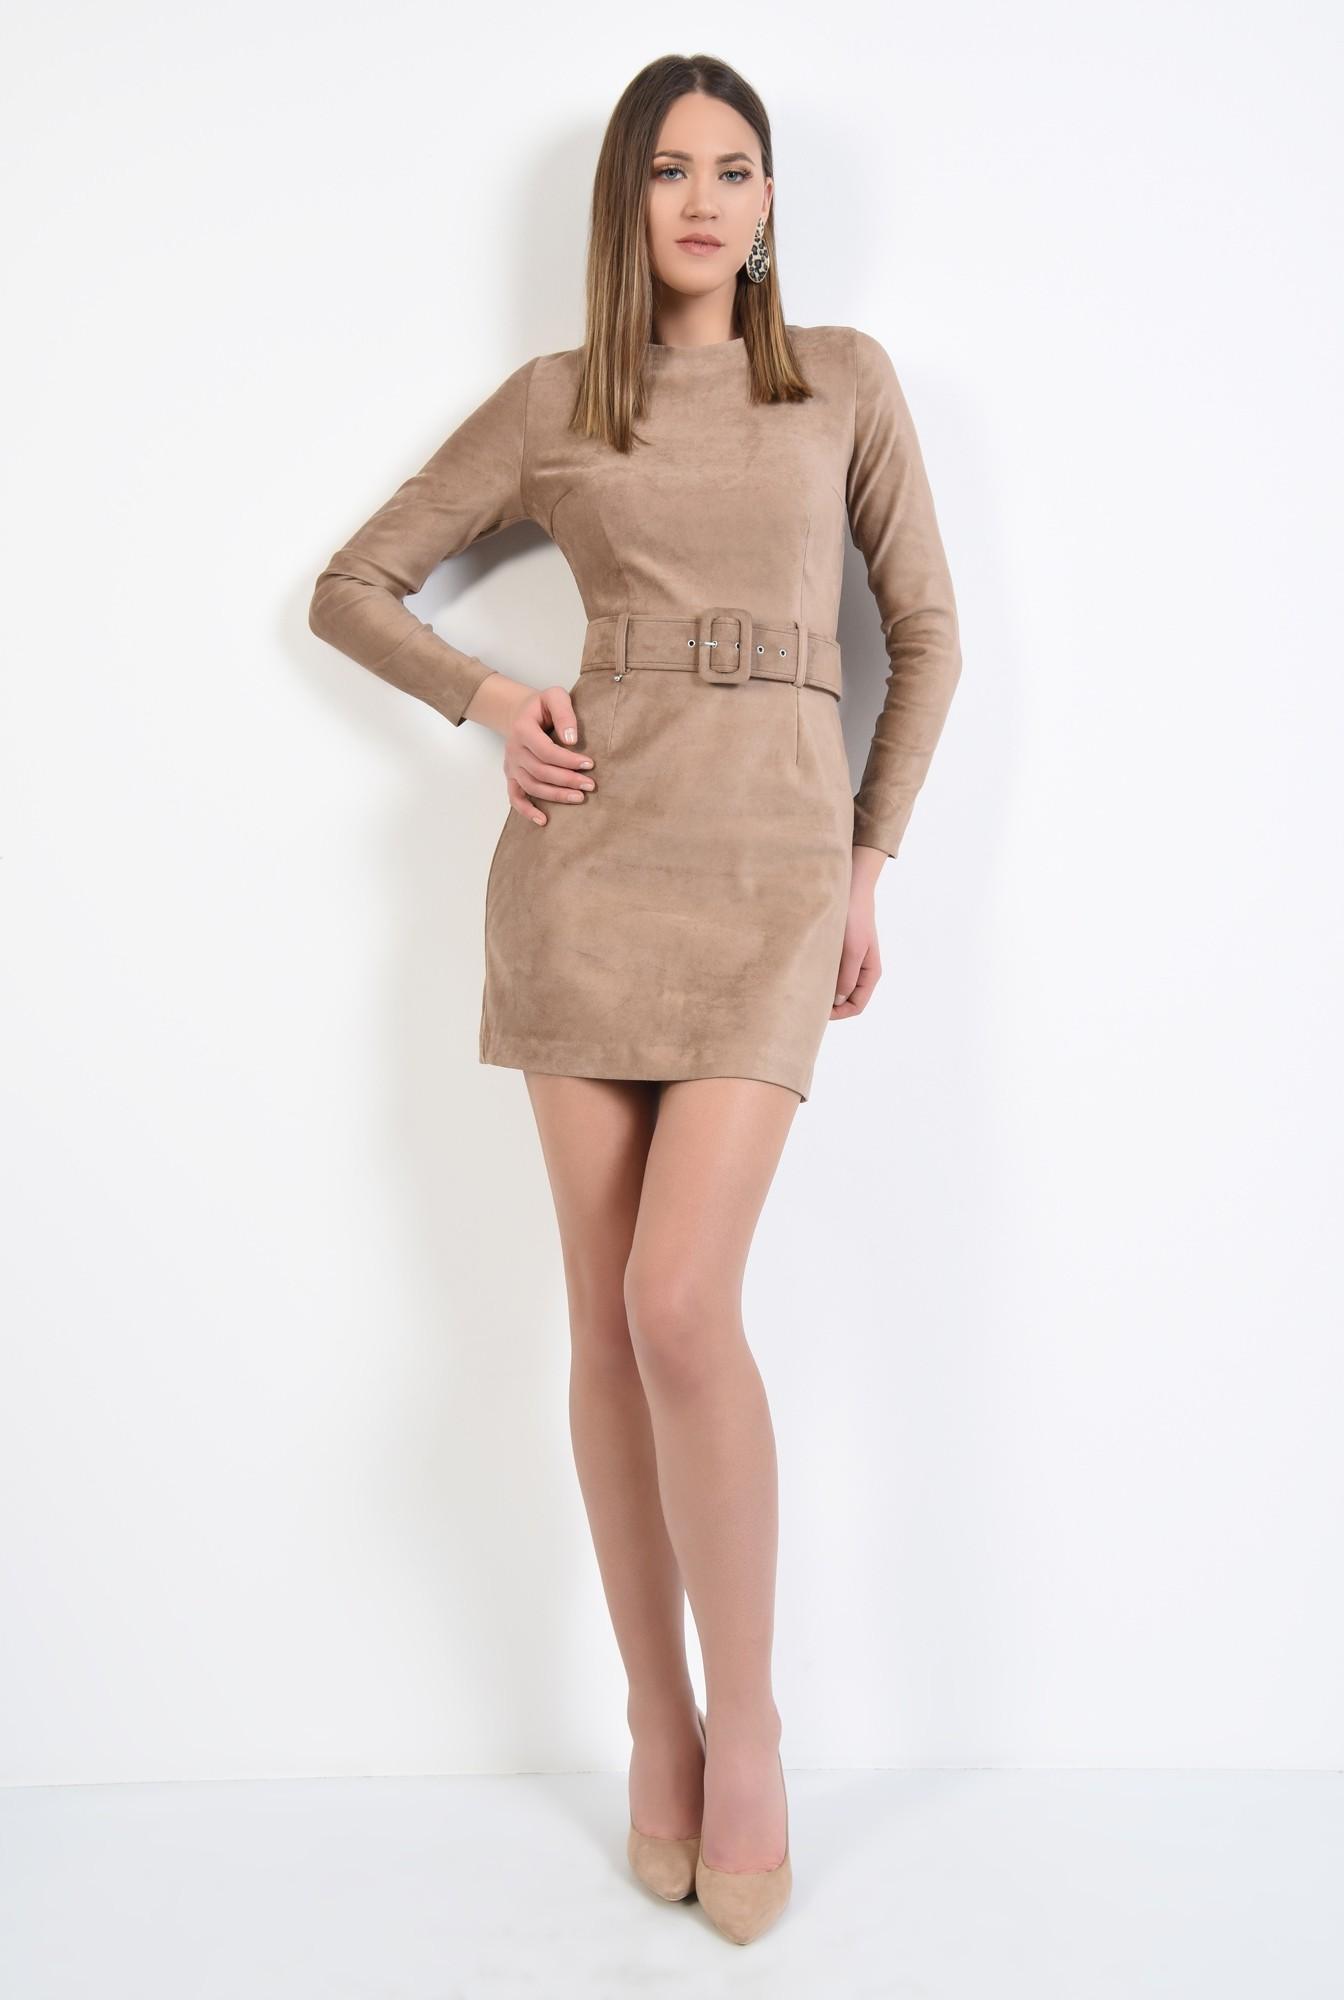 3 - rochie scurta, bej, din piele intoarsa, cu maneci mulate, cu centura